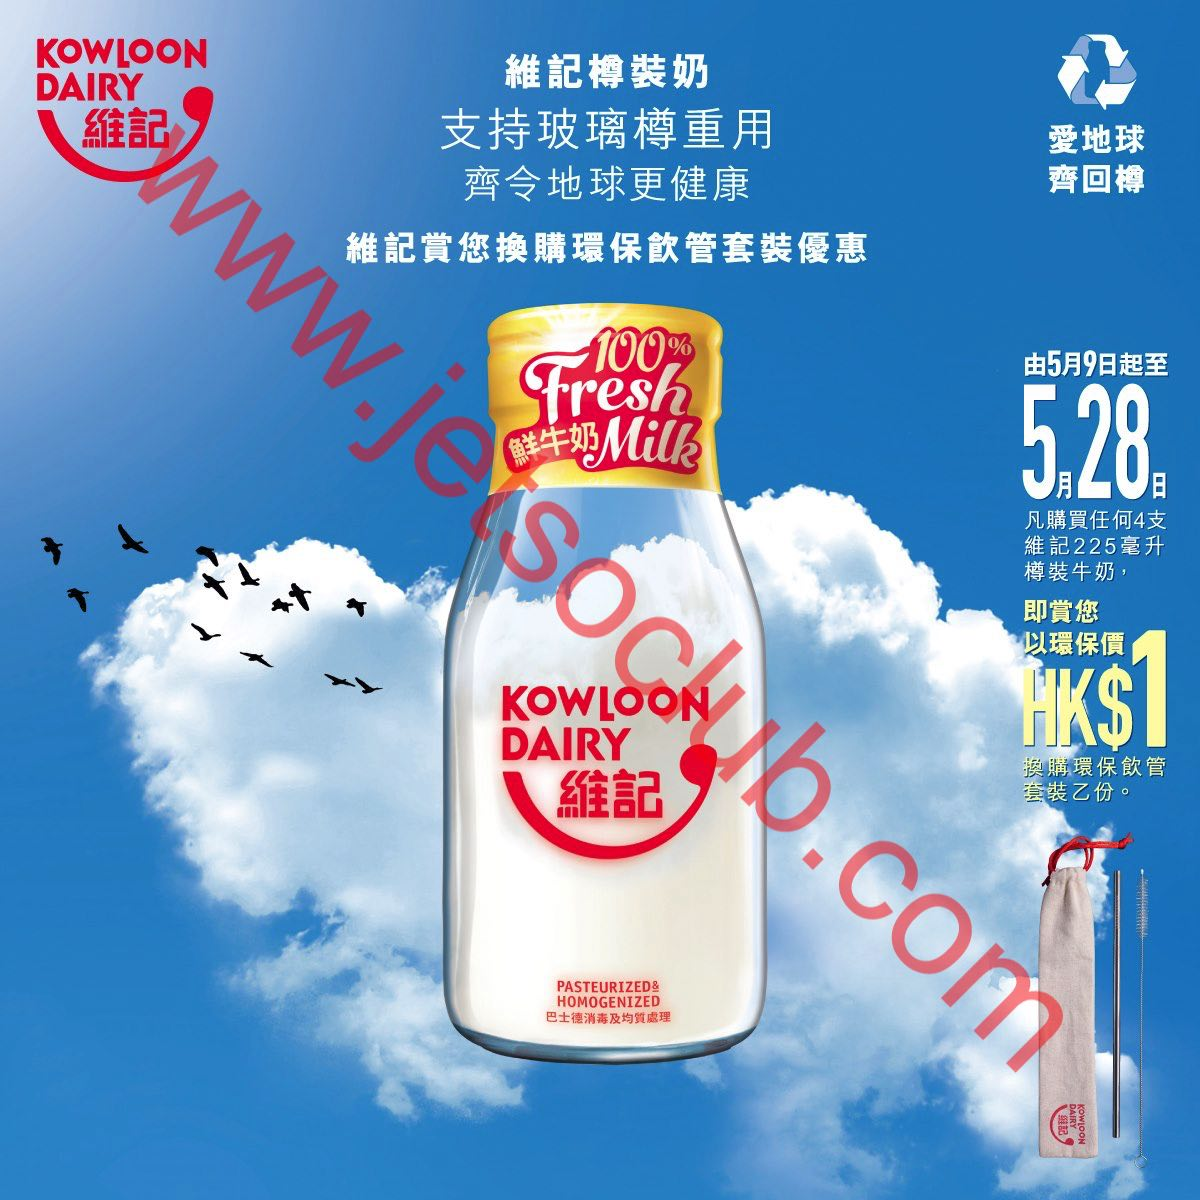 維記牛奶:+$1換購「KowloonDairy 環保飲管套裝」(9-28/5) ( Jetso Club 著數俱樂部 )